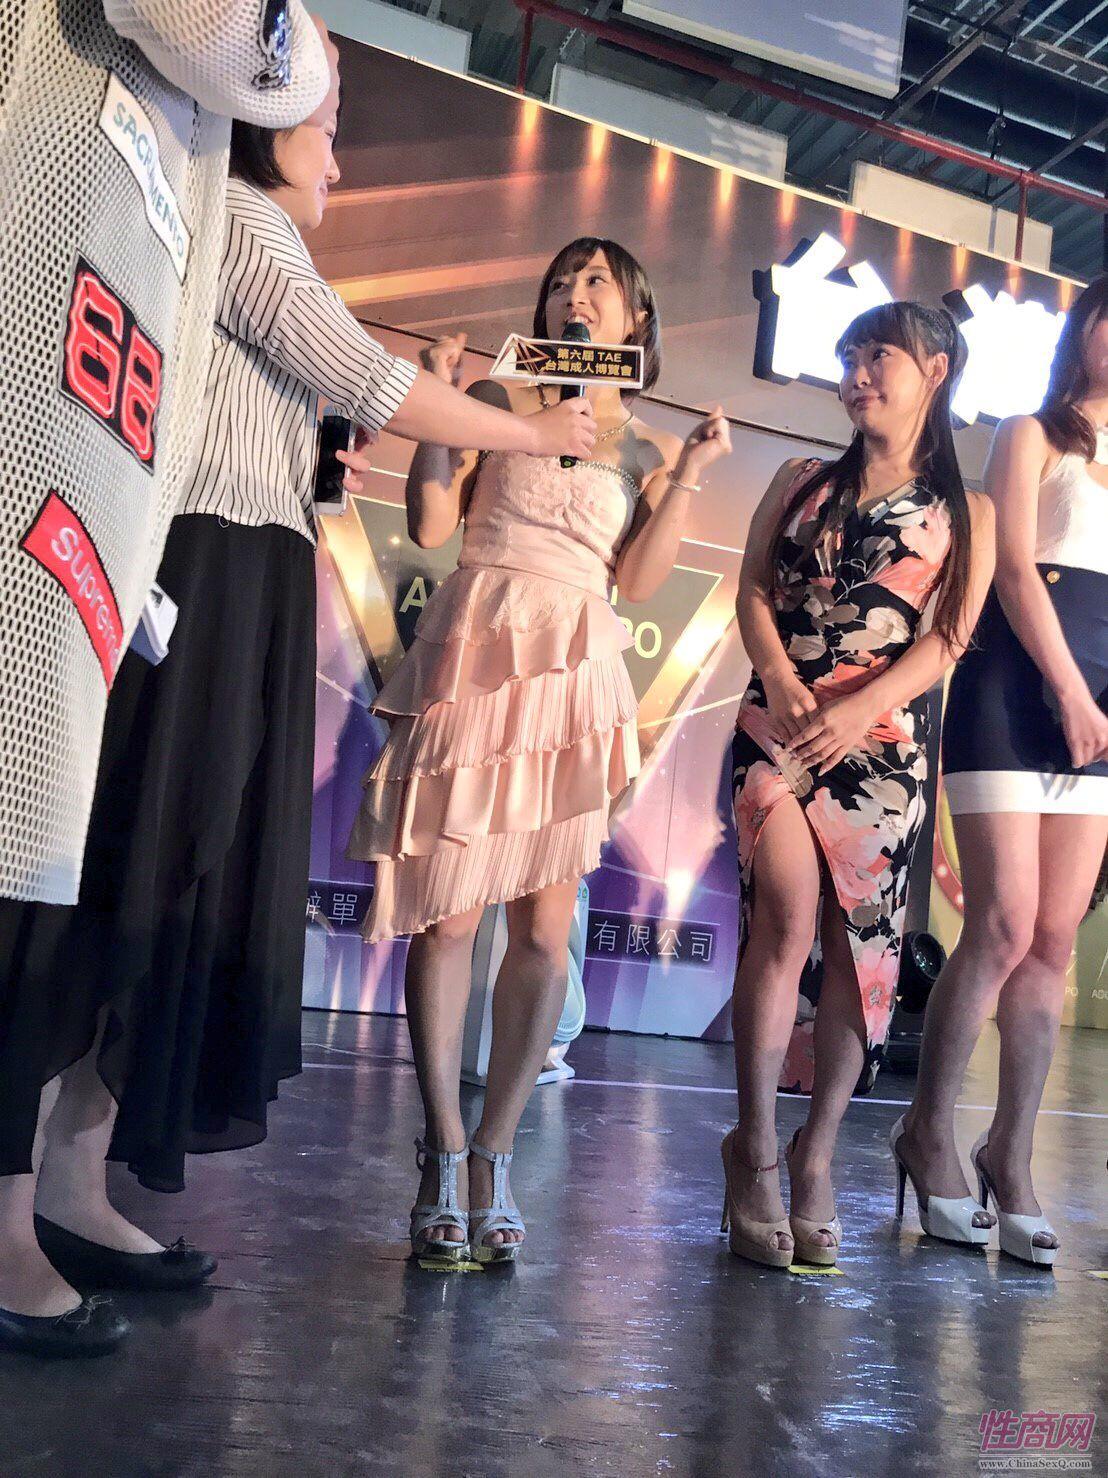 2017第六届台湾成人博览会女优嫩模云集图片37